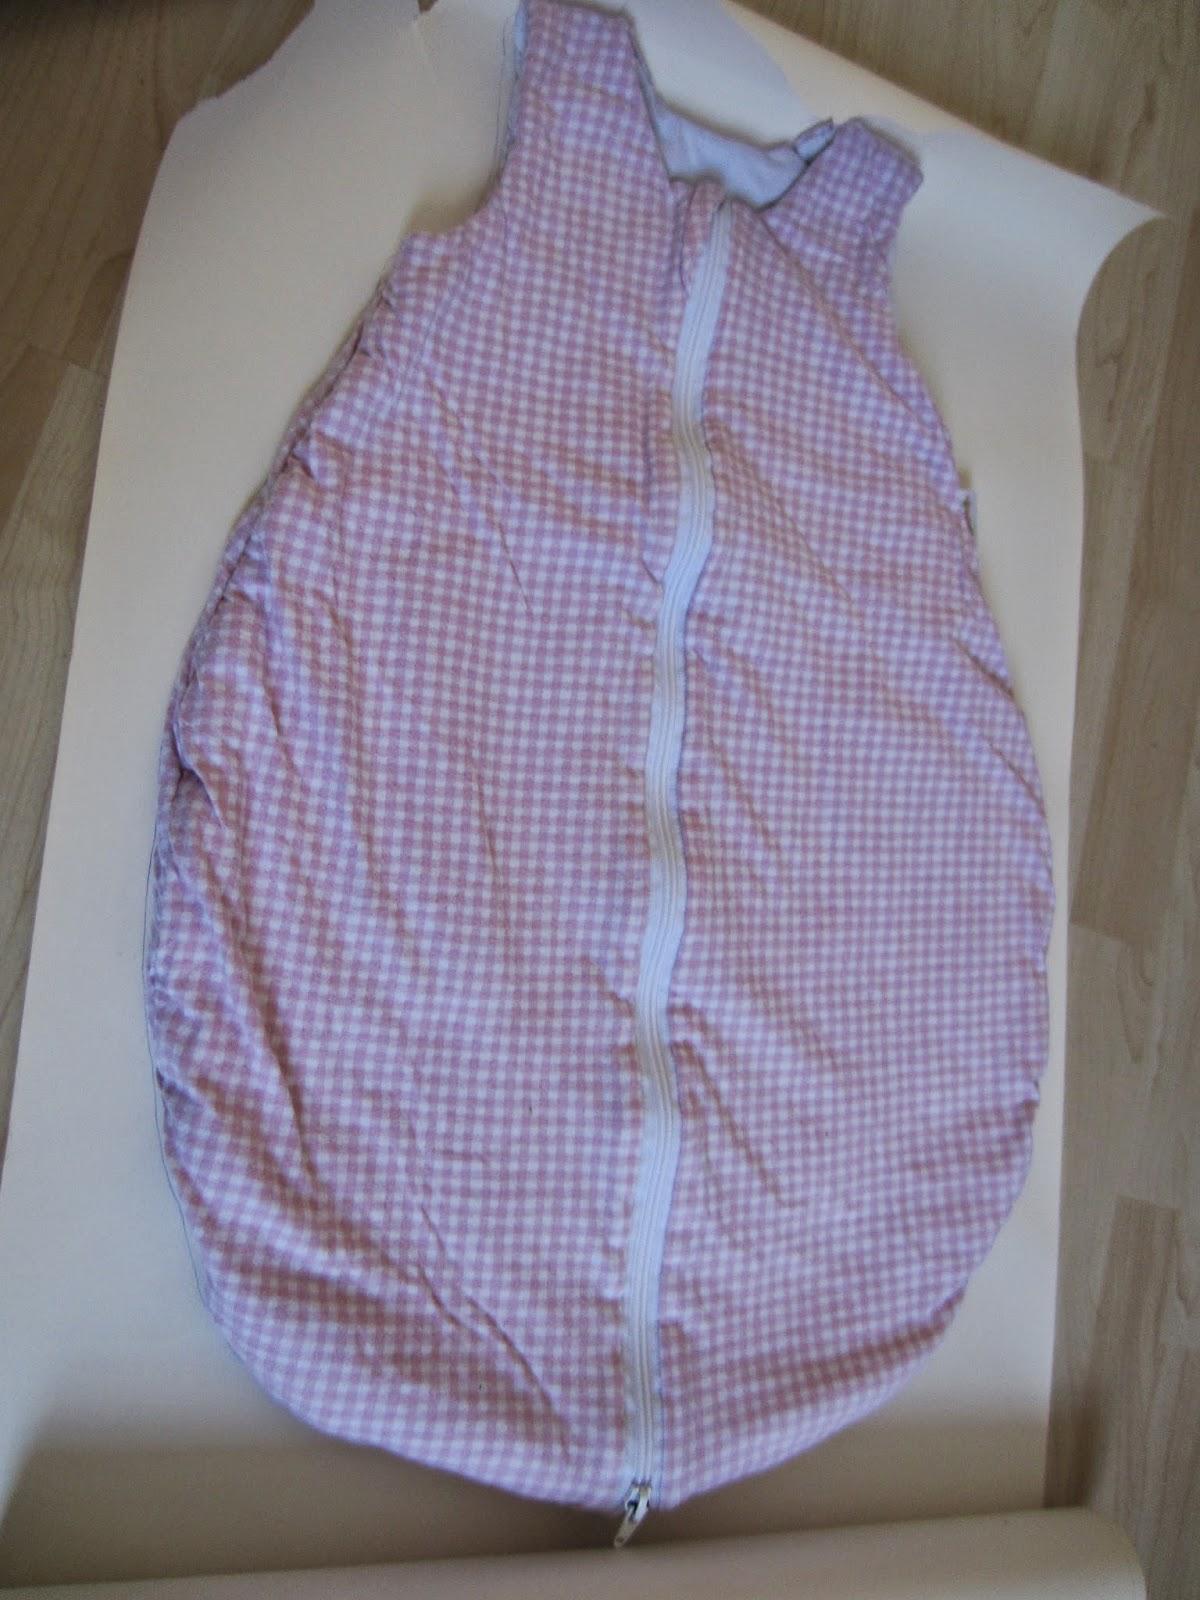 vanamas kinder und familien blog leichten babyschlafsack selber n hen eine anleitung. Black Bedroom Furniture Sets. Home Design Ideas